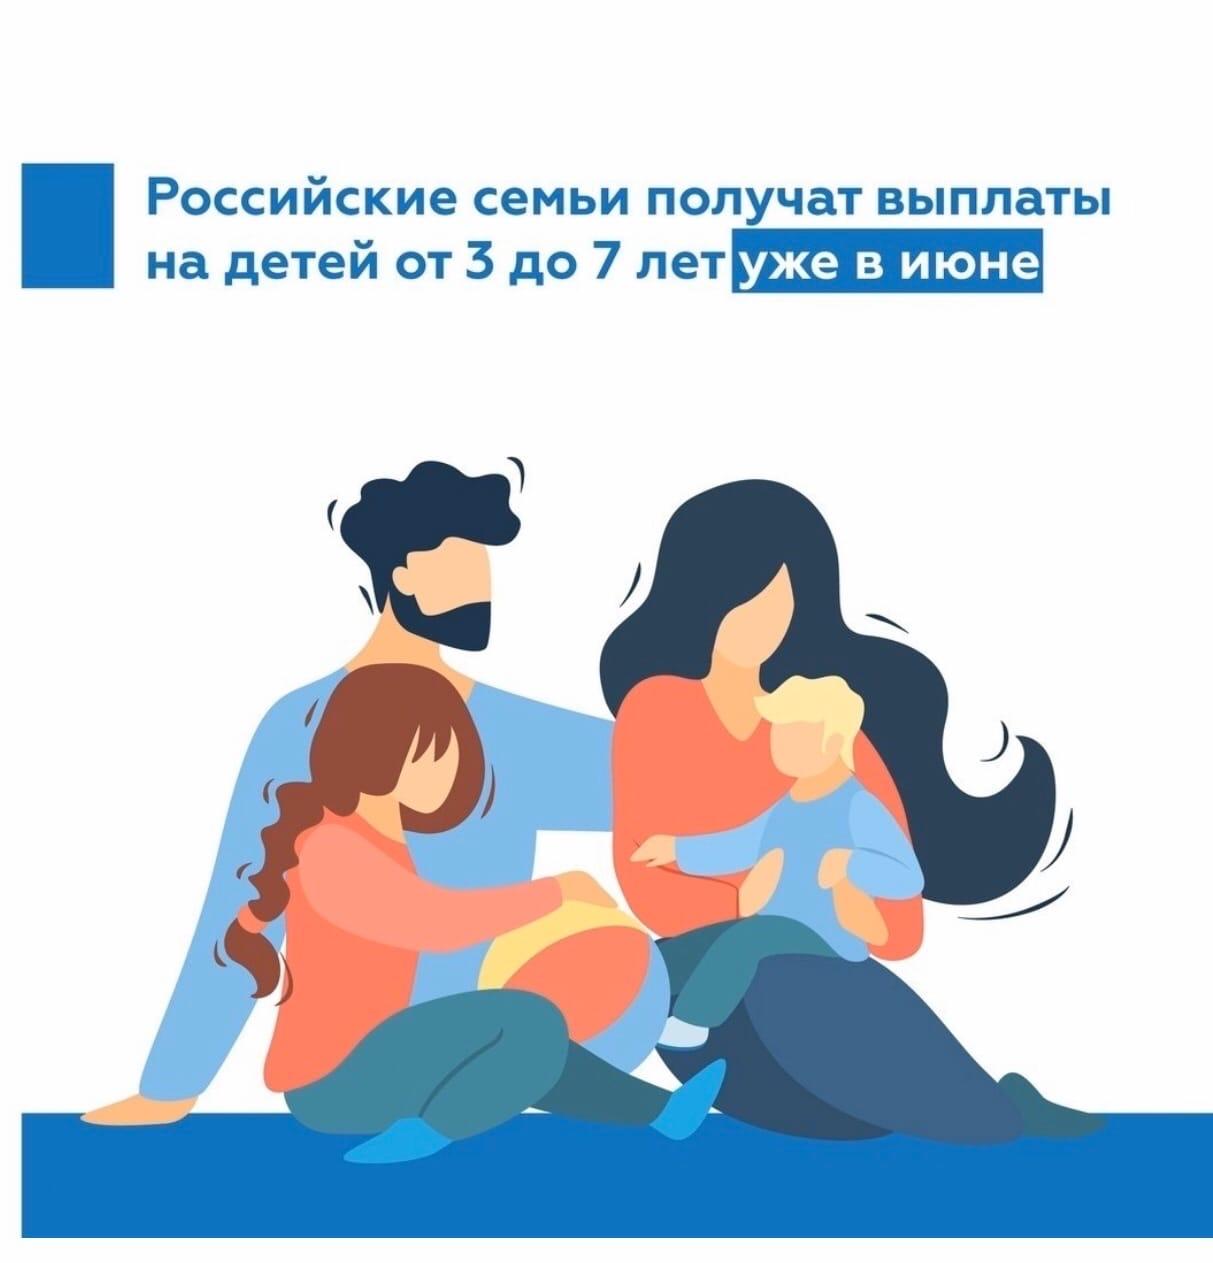 Пособия на детей от 3 до 7